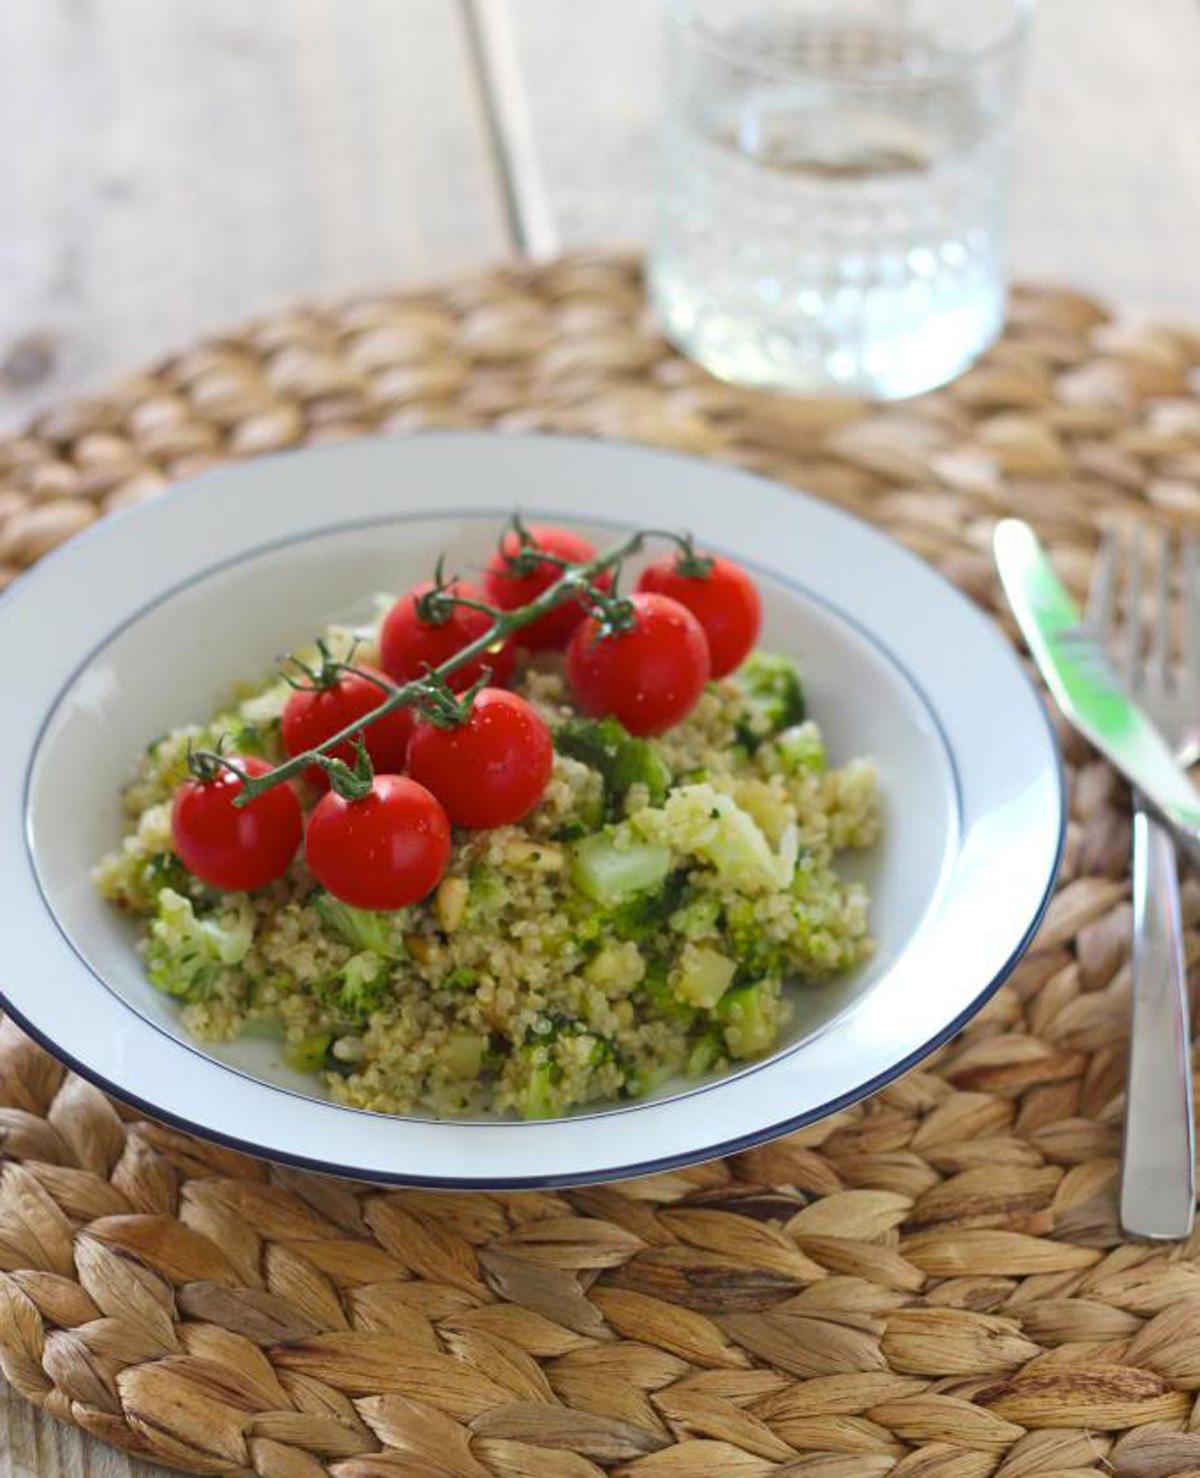 Quinoa salade met broccoli, courgette en cherrytomaatjes